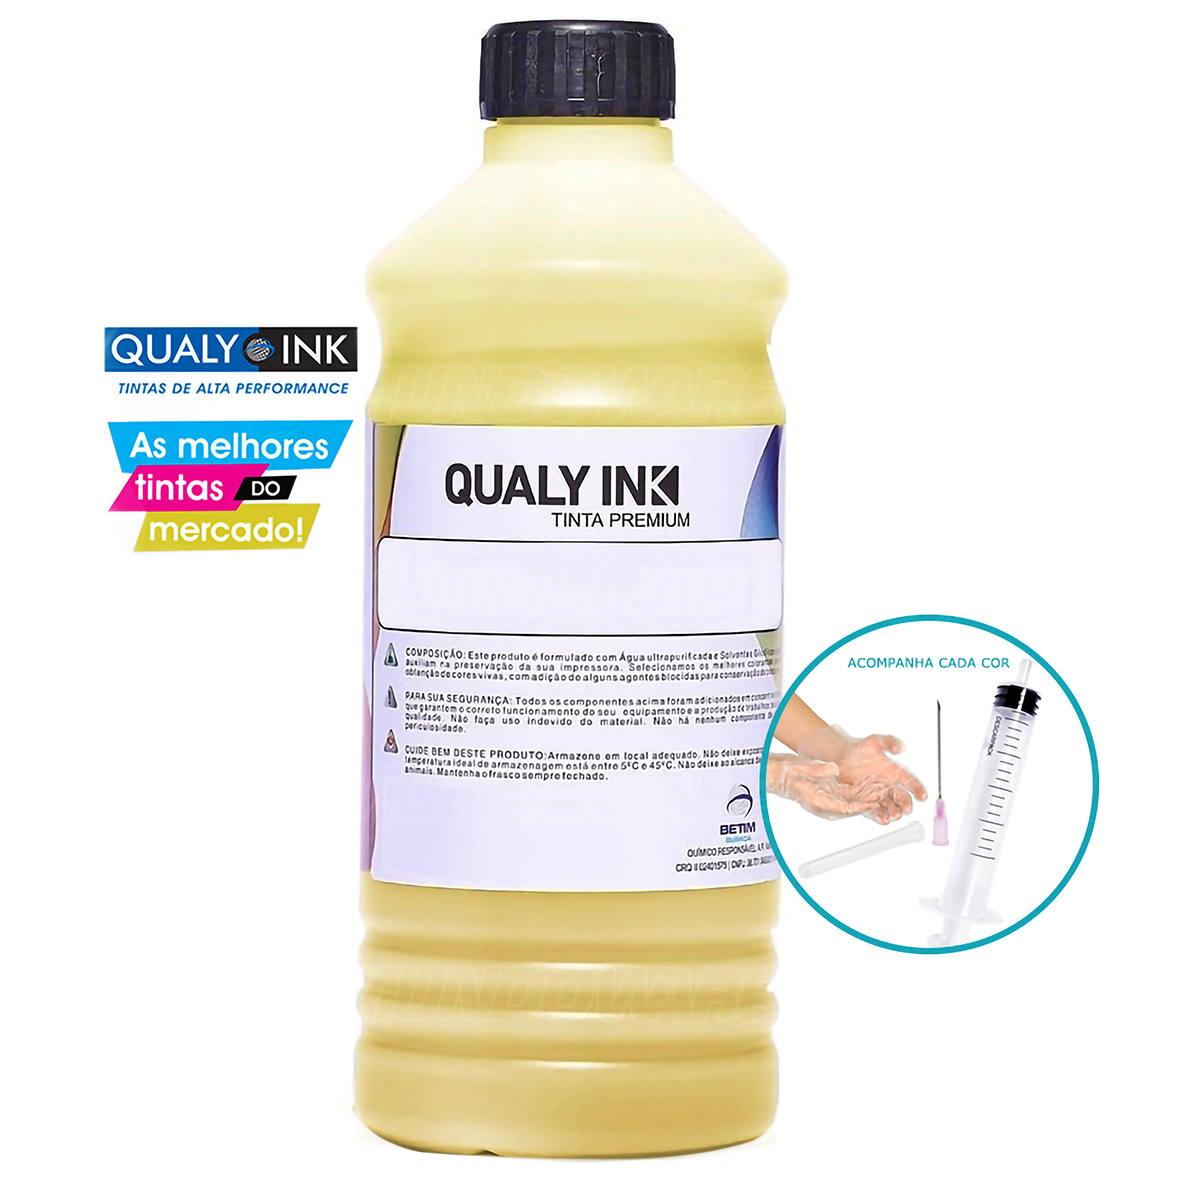 Compatível: Tinta Corante Qualy-Ink YC3H-1181 para HP Pro 8600 8600 8620 7610 8100 251dw 276dw Amarelo Refil 1L